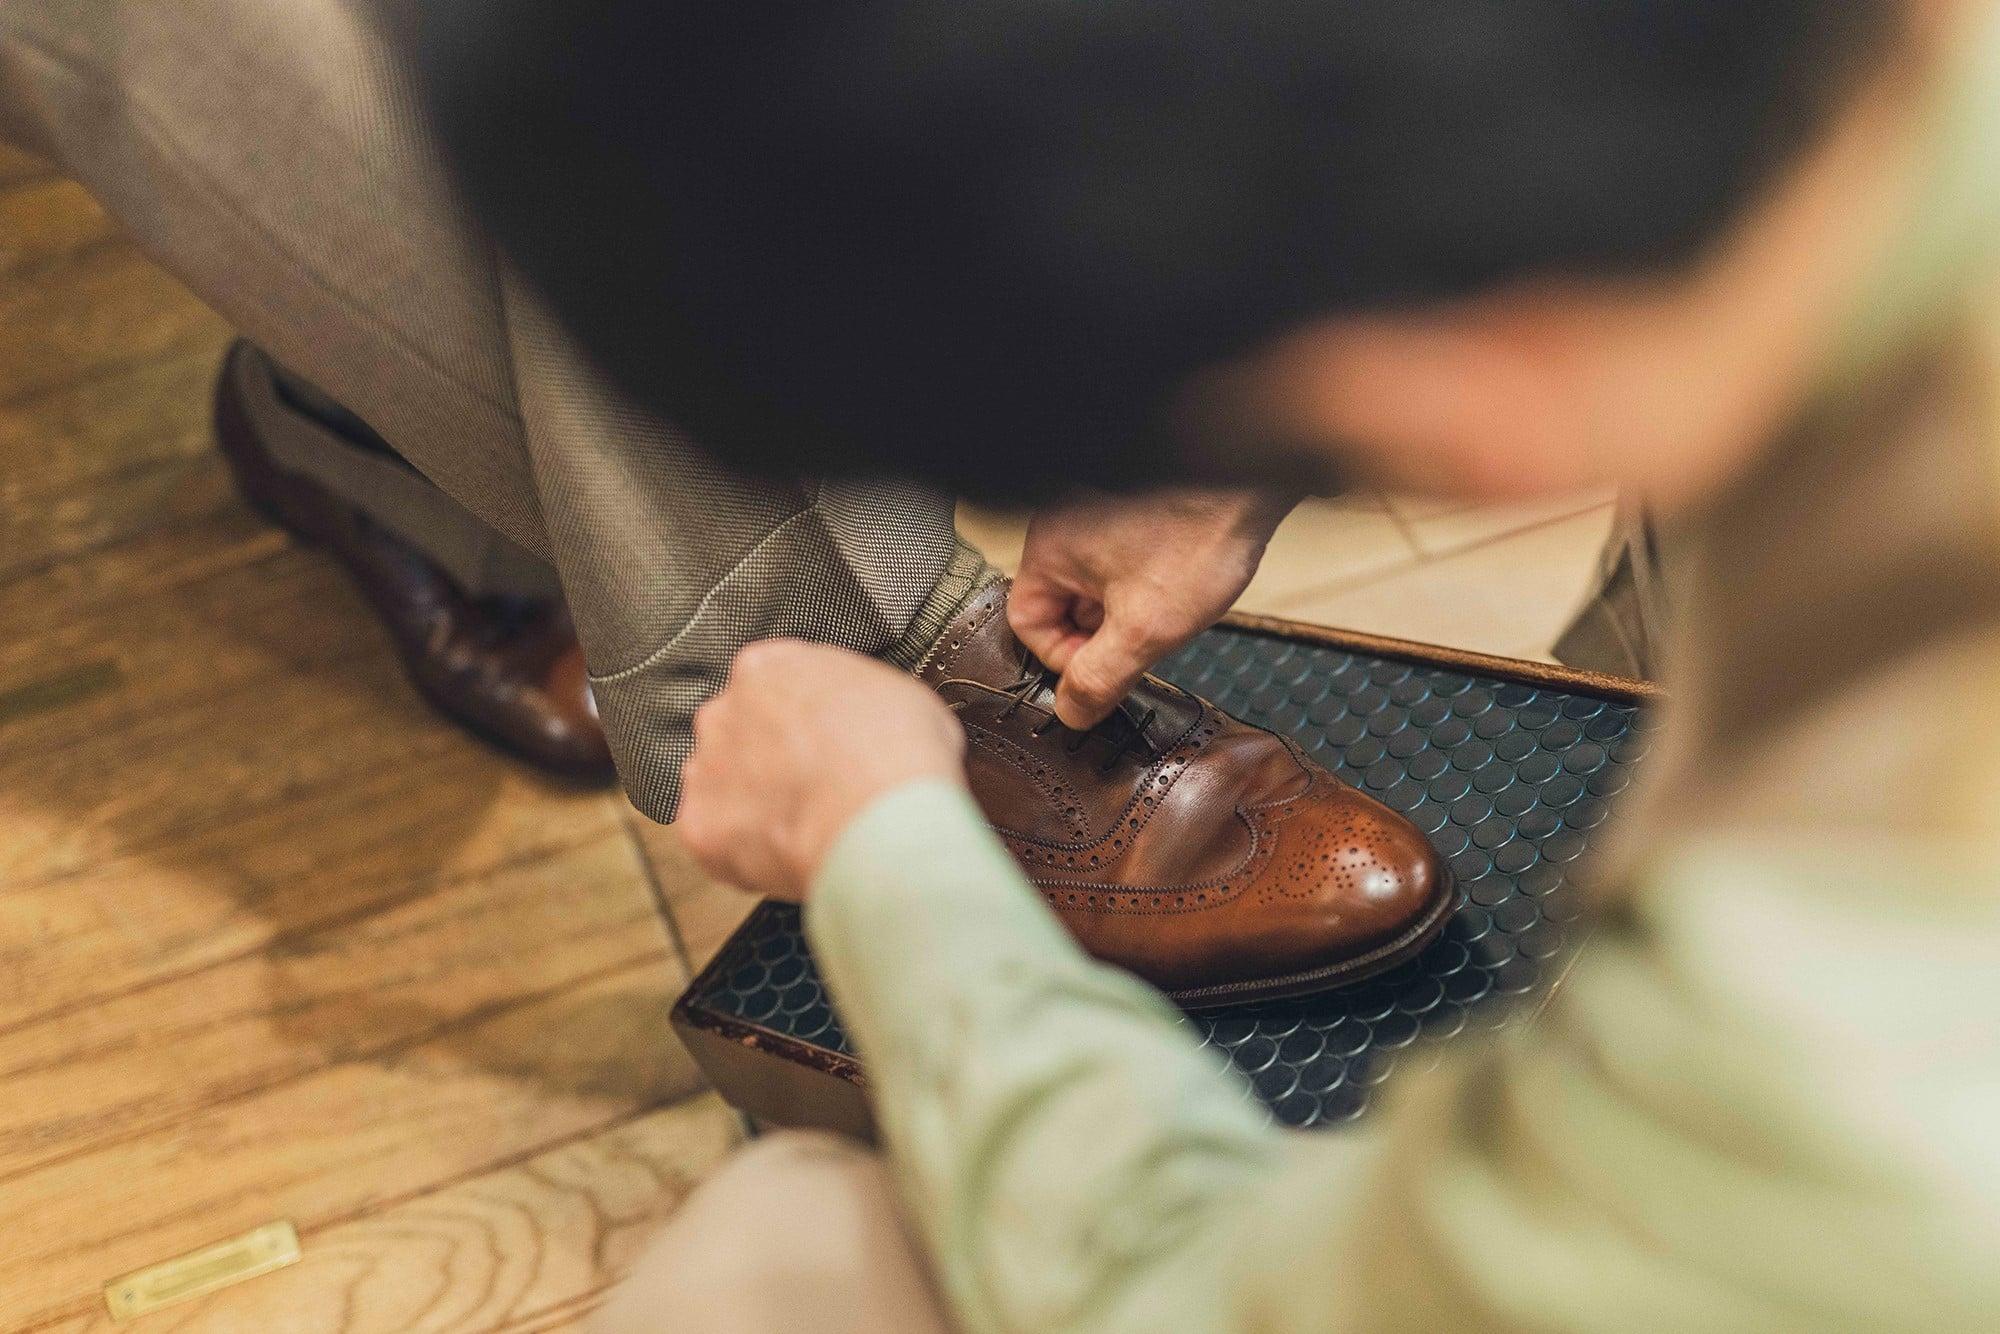 青柳さんが履いていたのは上級ラインであるマスターロイドのモデル「マルバーン」。1980年代にマスターロイドのオーダーメイドが登場したときに注文した一足だ。状態をチェックする浦上さんは、「青柳さんは足の中指が長いでしょう?」と靴の上から足の特徴を見事に言い当てた。